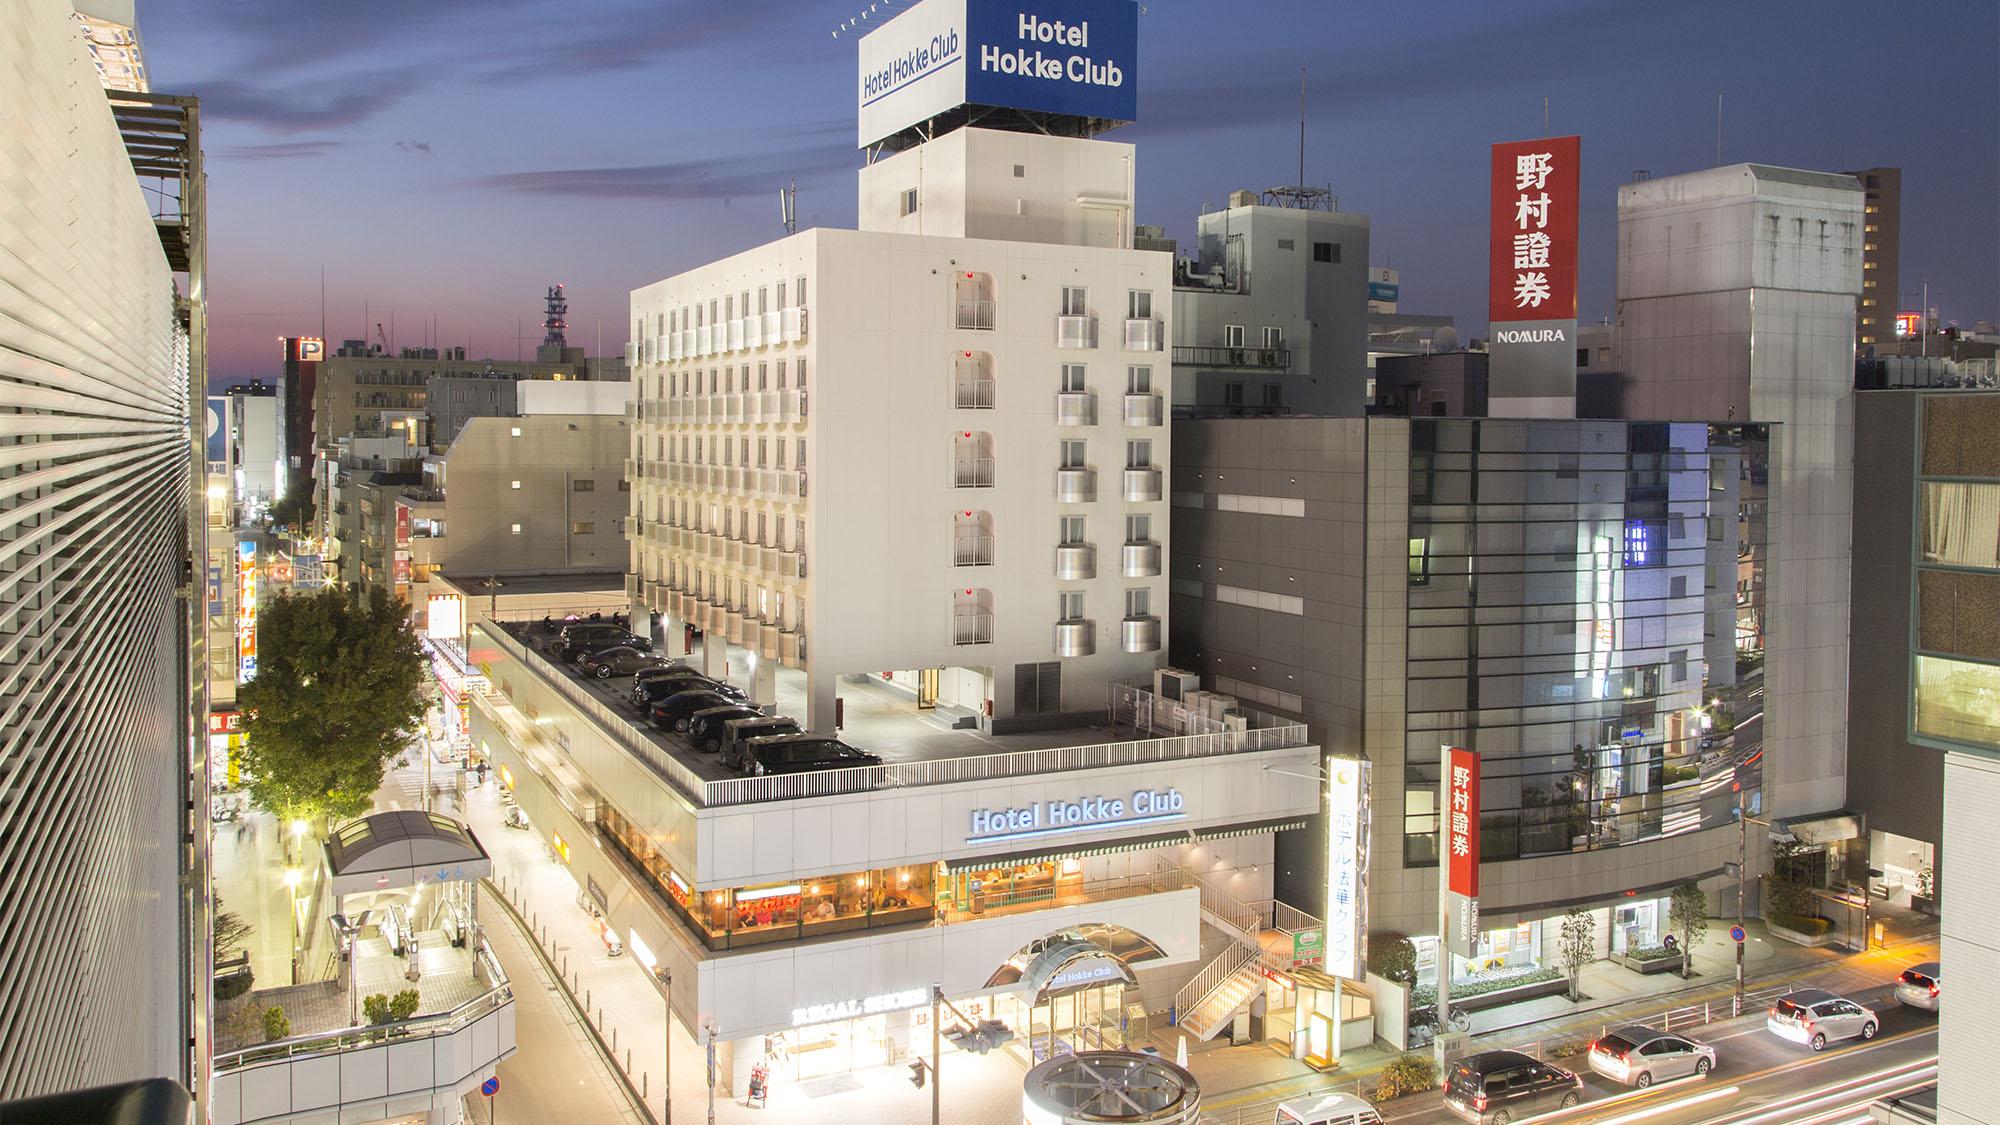 一人旅で江ノ電と江ノ島観光に便利&コスパの良いホテル